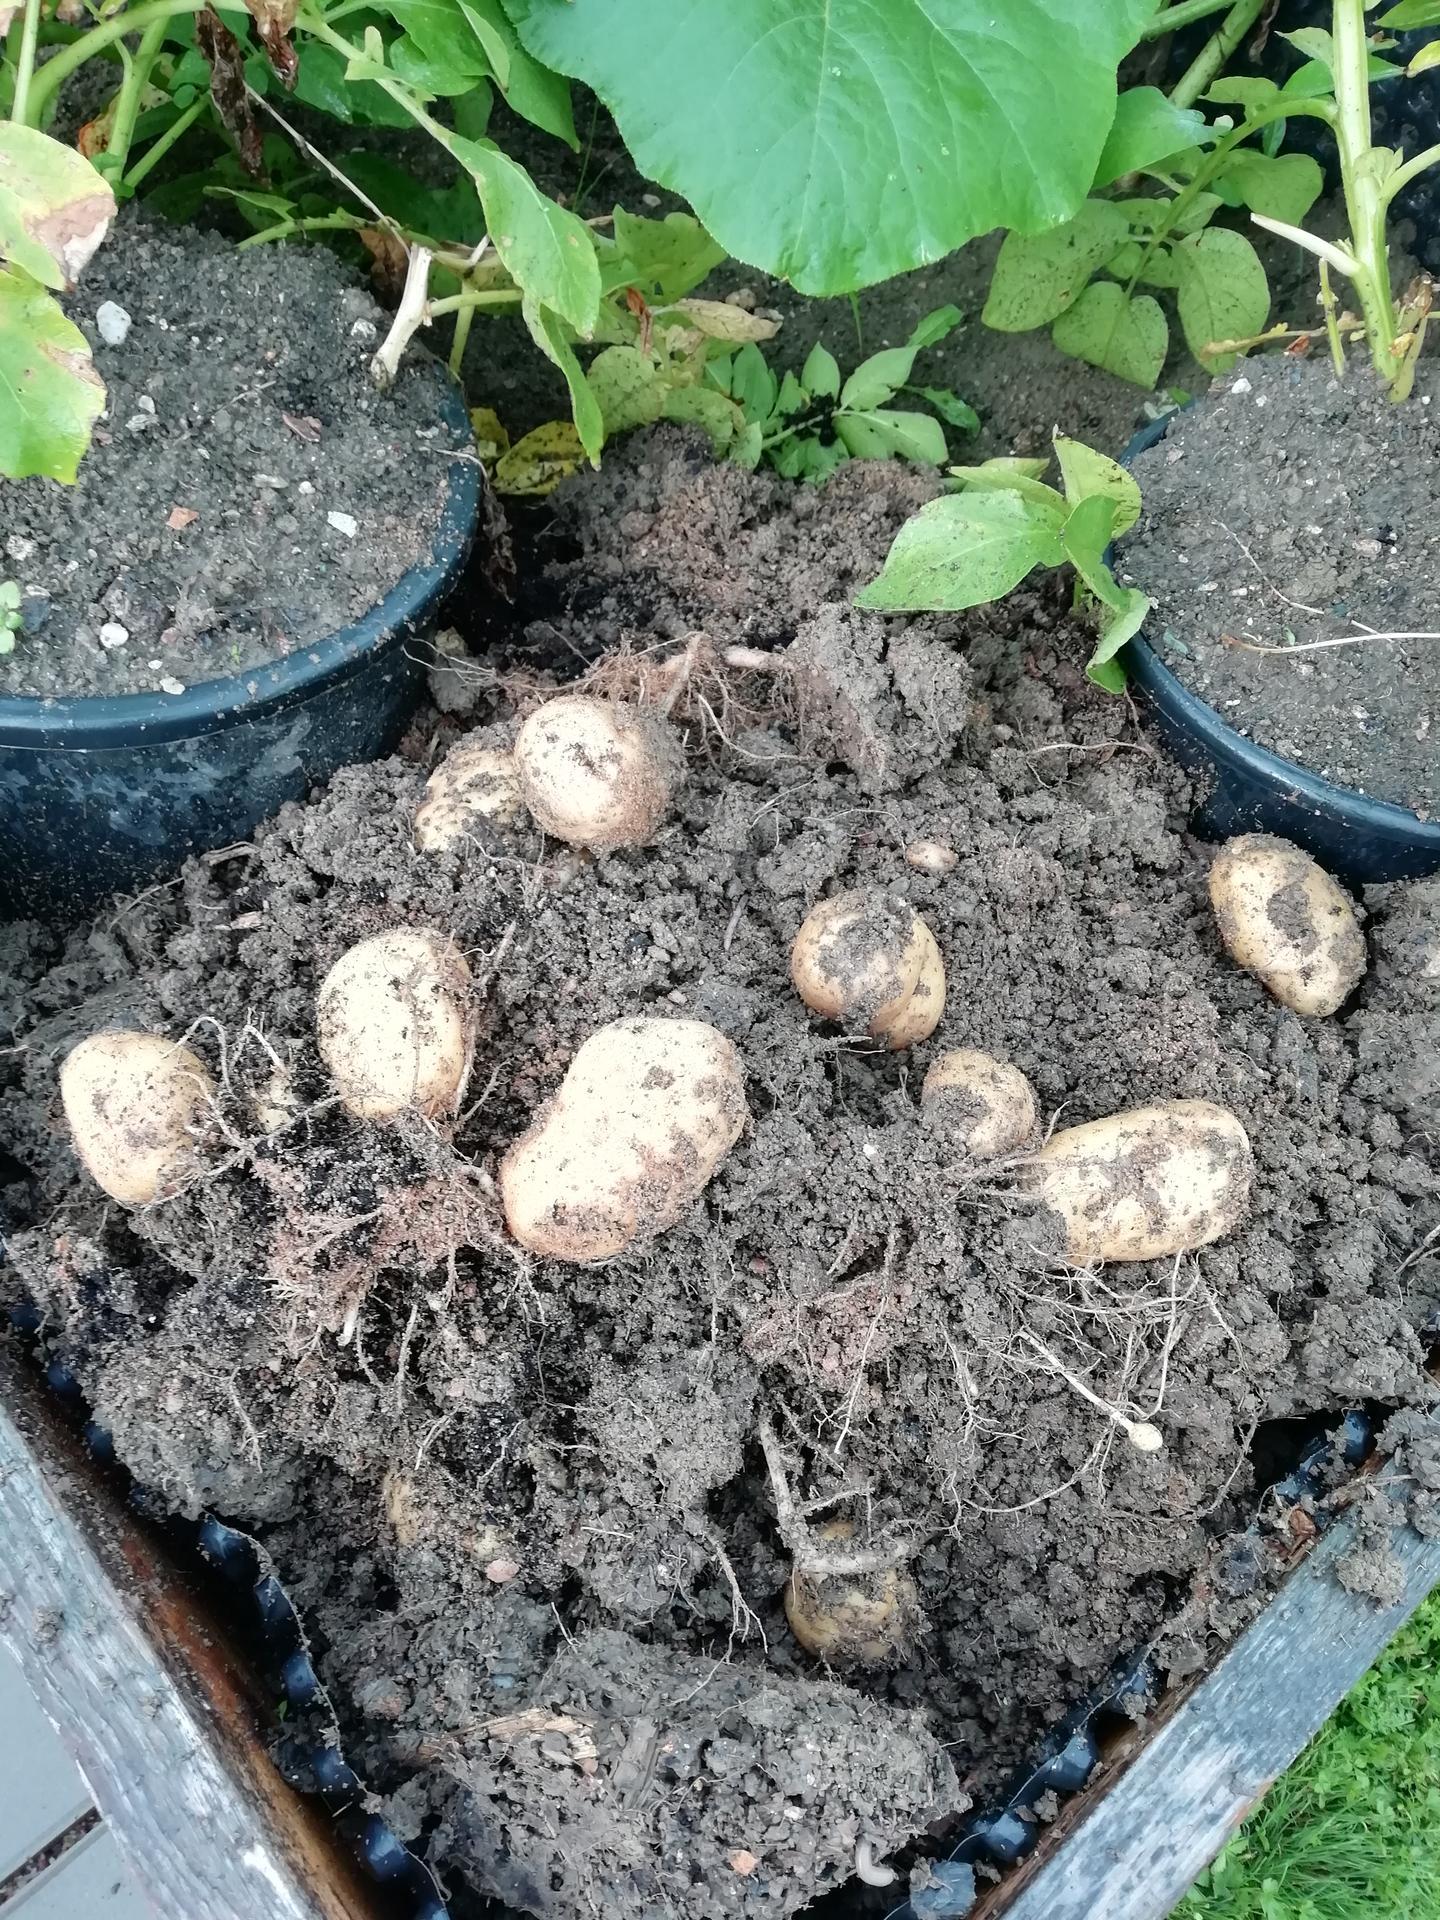 2021 Doma i venku - První sklizeň z květináče 🙂 zasazeny 3 ks-sklizeno 13 ks